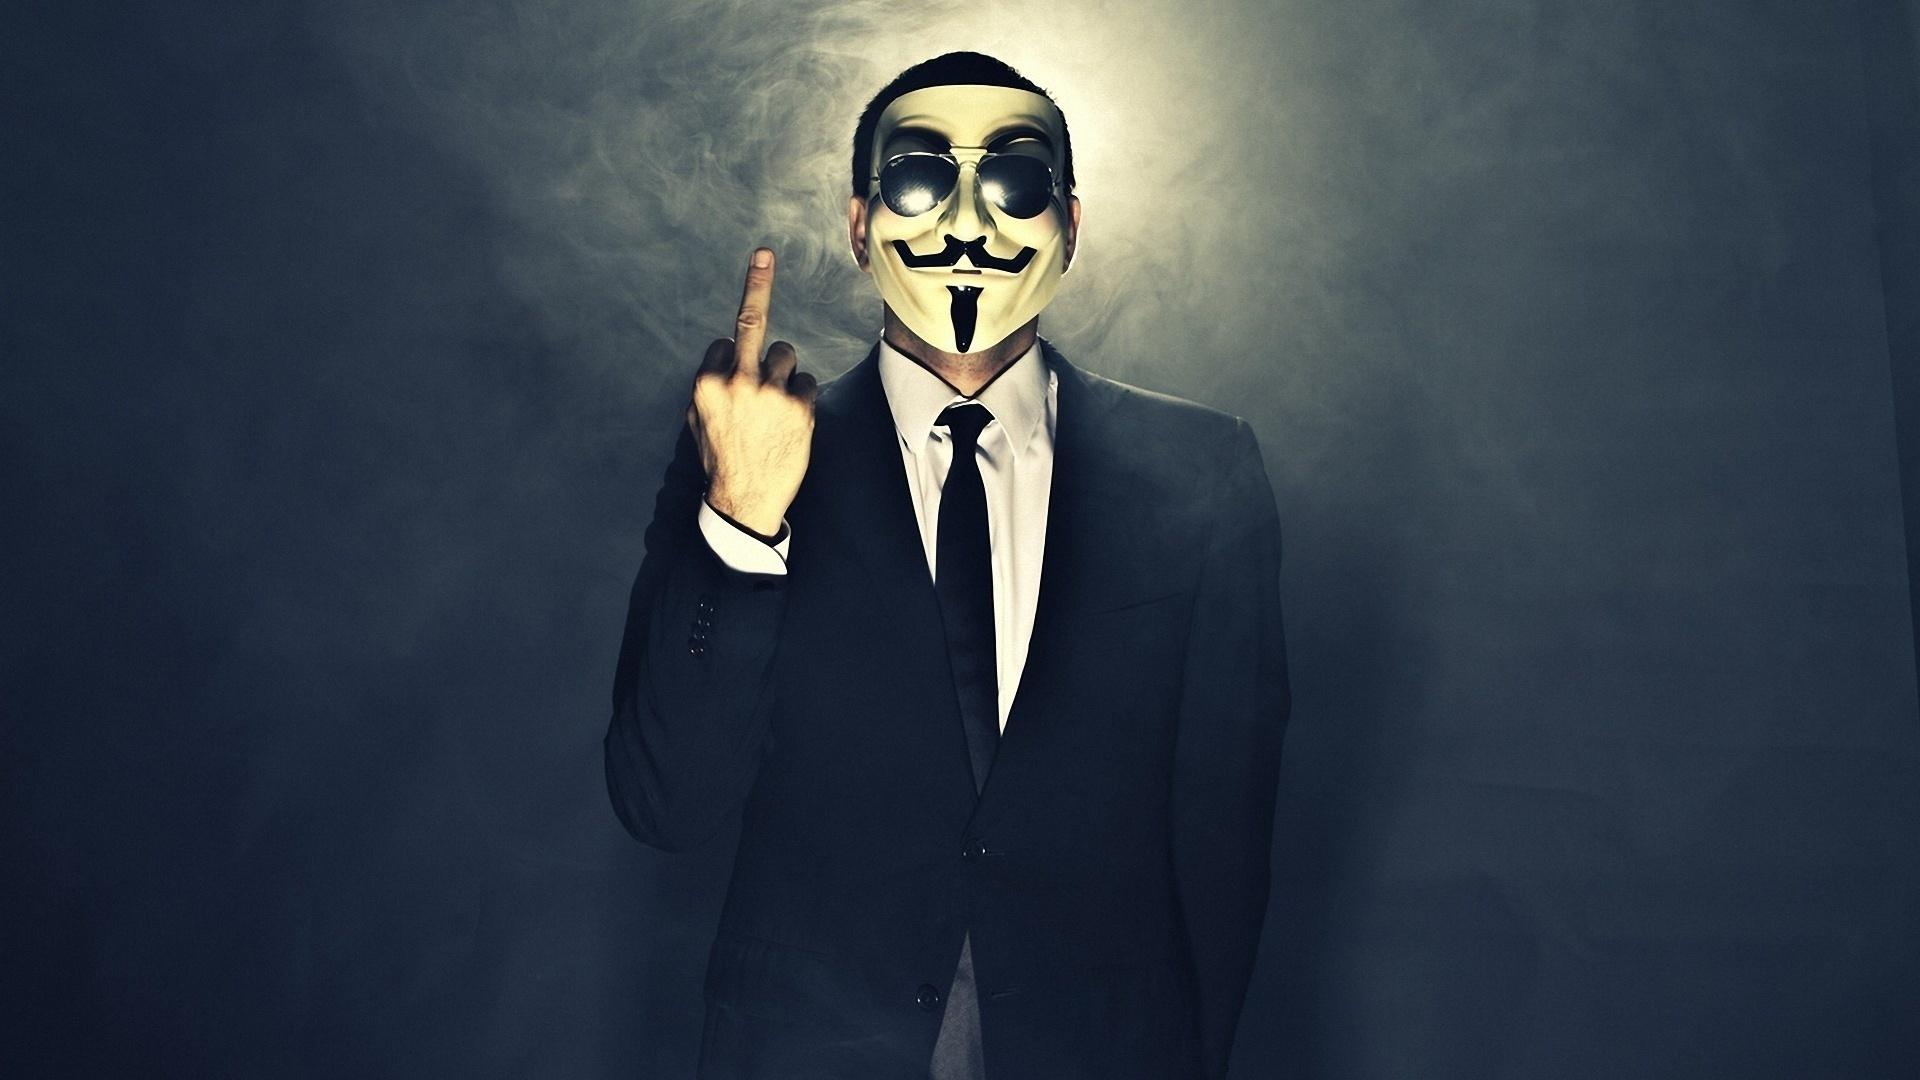 V For Vendetta Mask UHD Wallpaper On MobDecor Black WallpaperUP 1920x1080